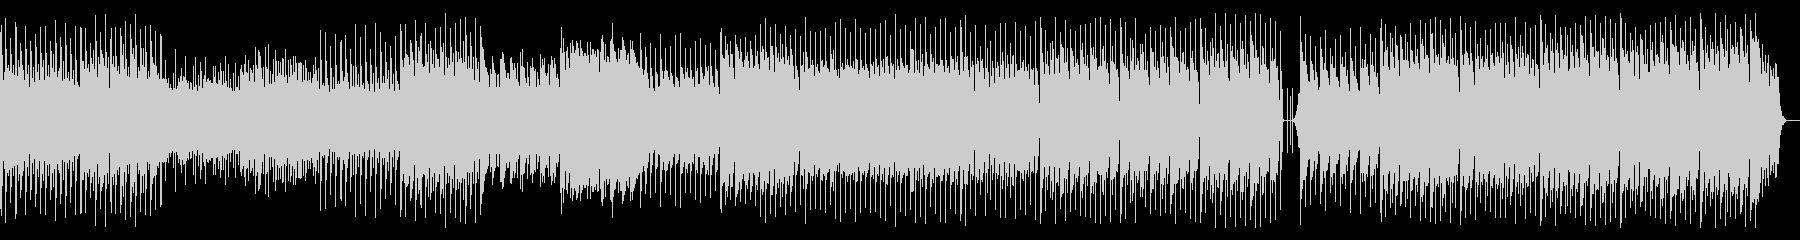 おおらかで優しいイメージのテクノインストの未再生の波形